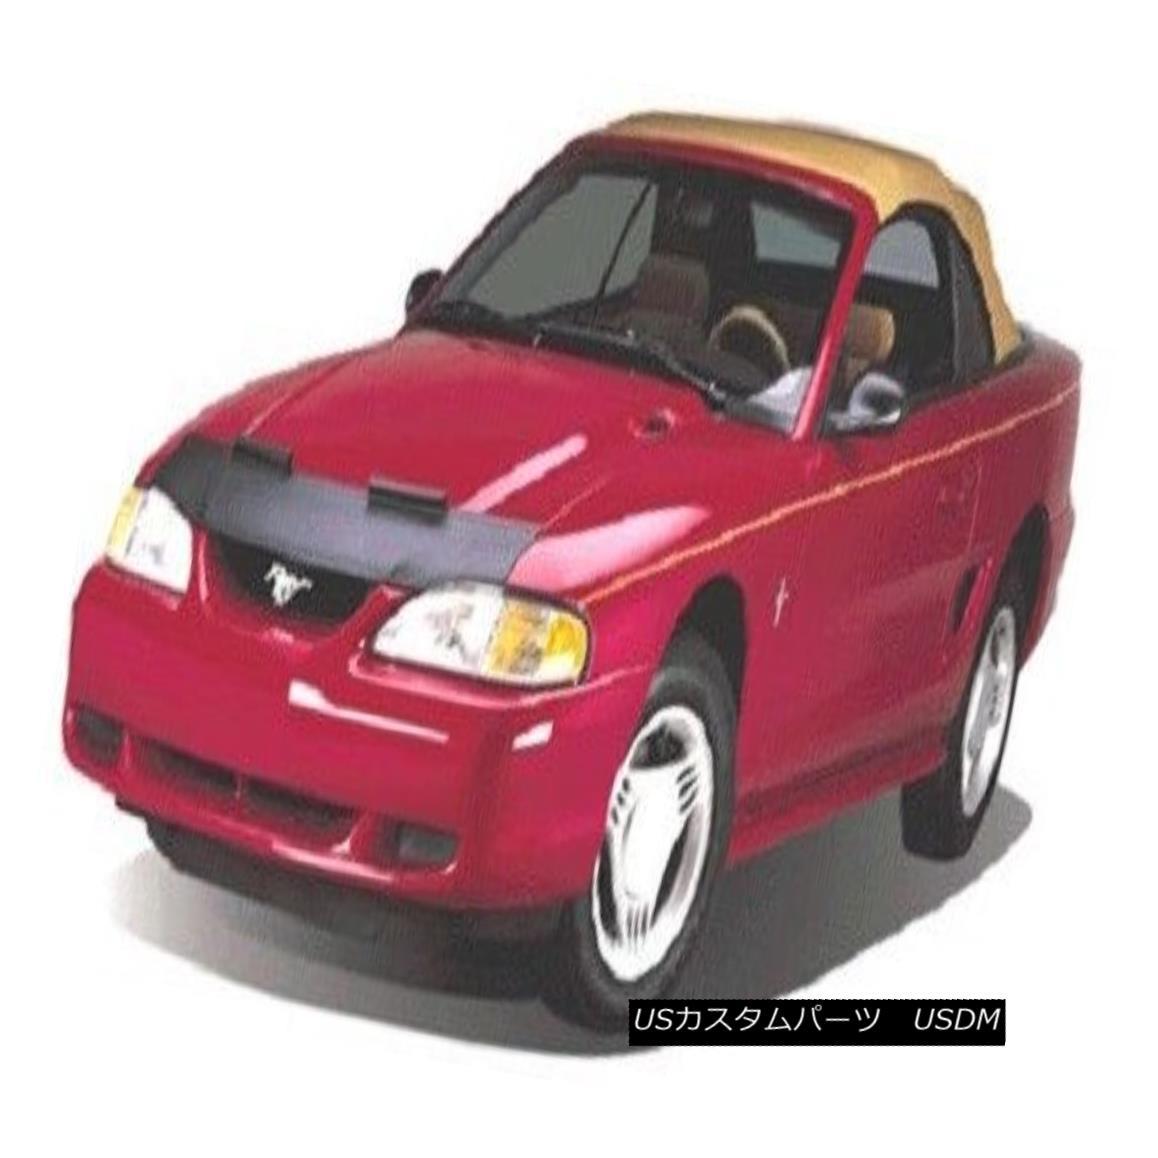 フルブラ ノーズブラ Lebra Hood Protector Mini Mask Bra Fits 2002-2009 Chevy Trailblazer Lebraフードプロテクターミニマスクブラは2002-2009年に合うChevy Trailblazer